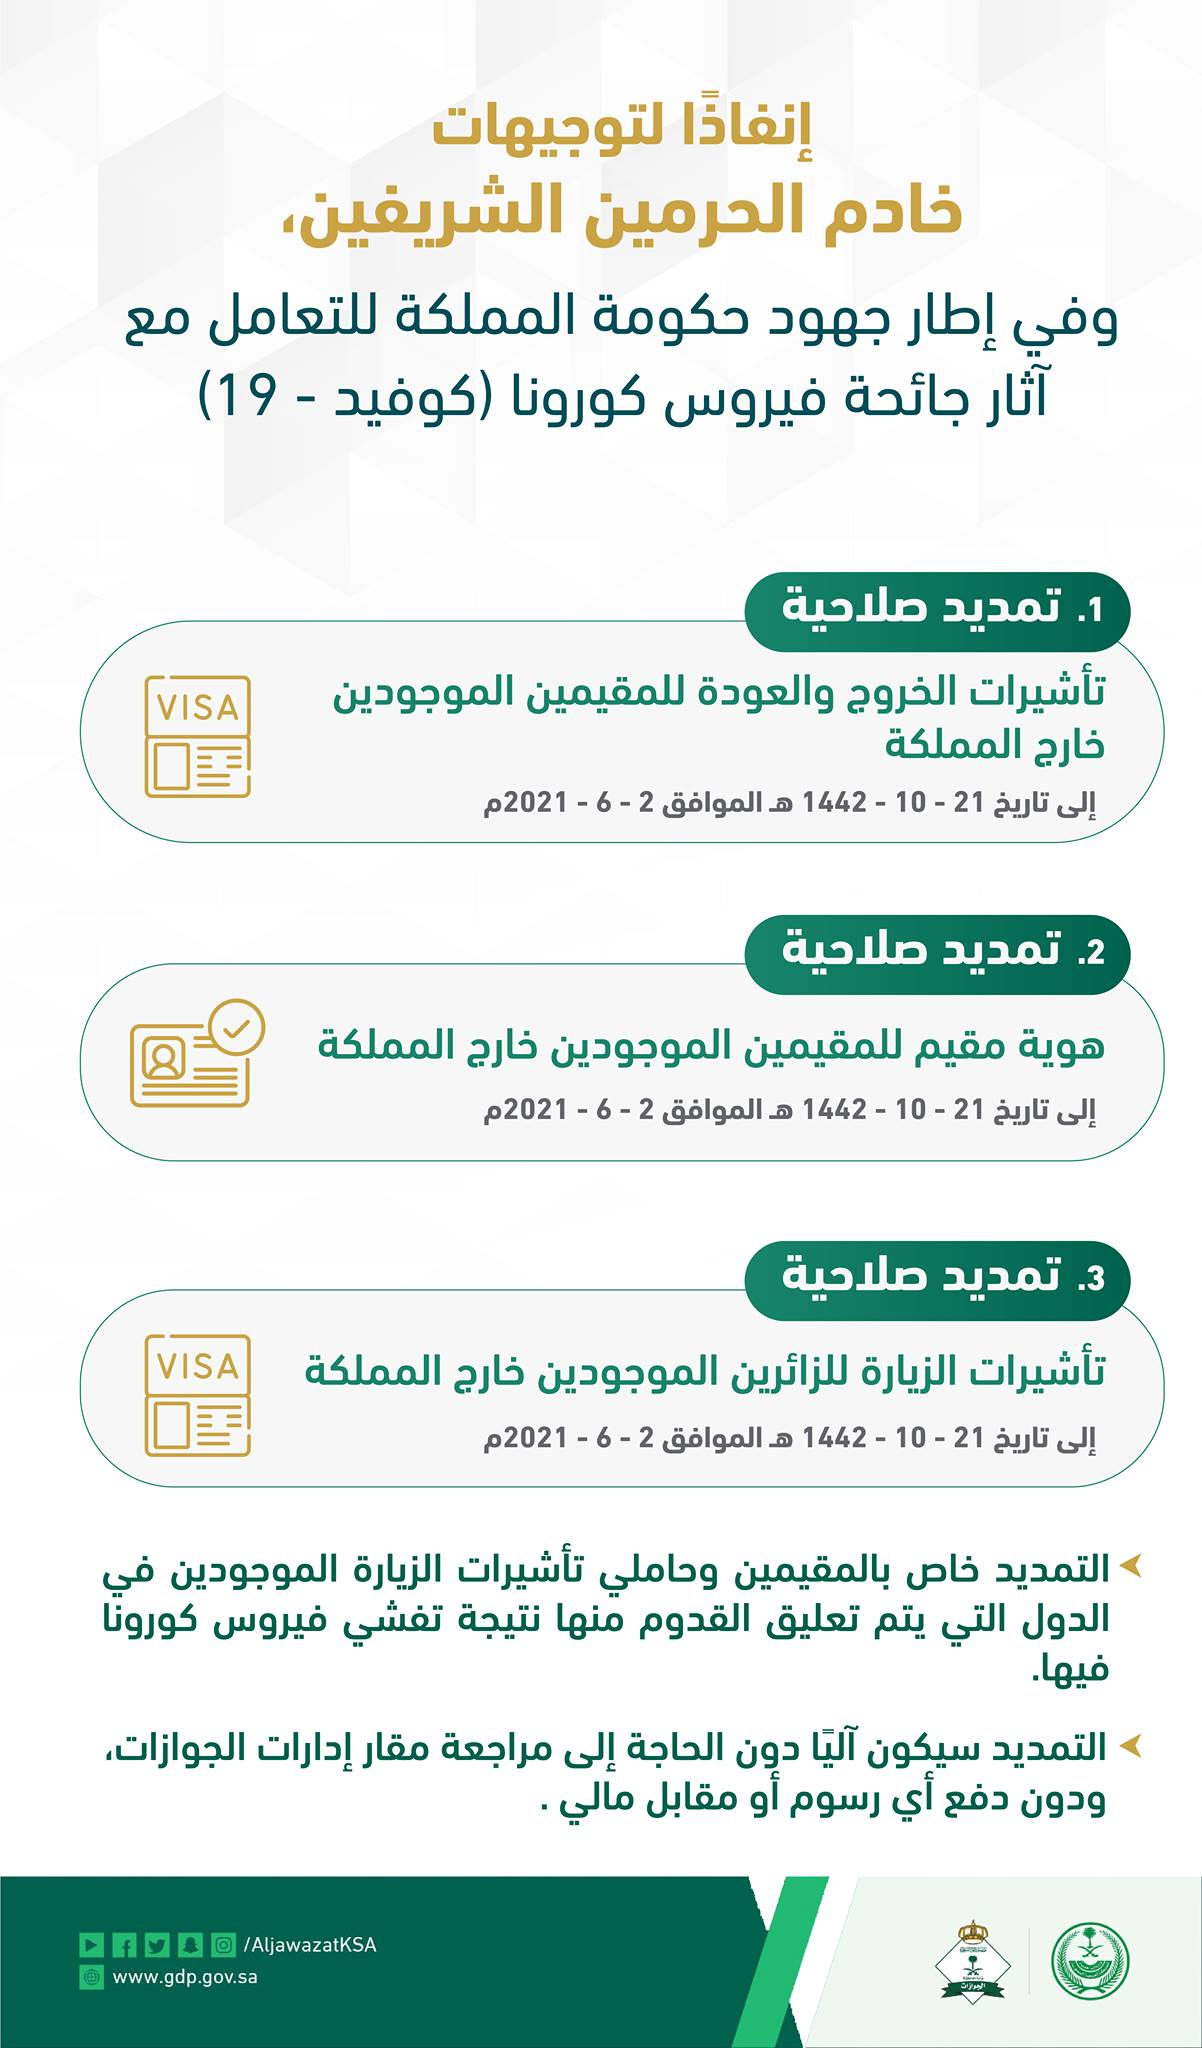 قرارات الجوازات السعودية